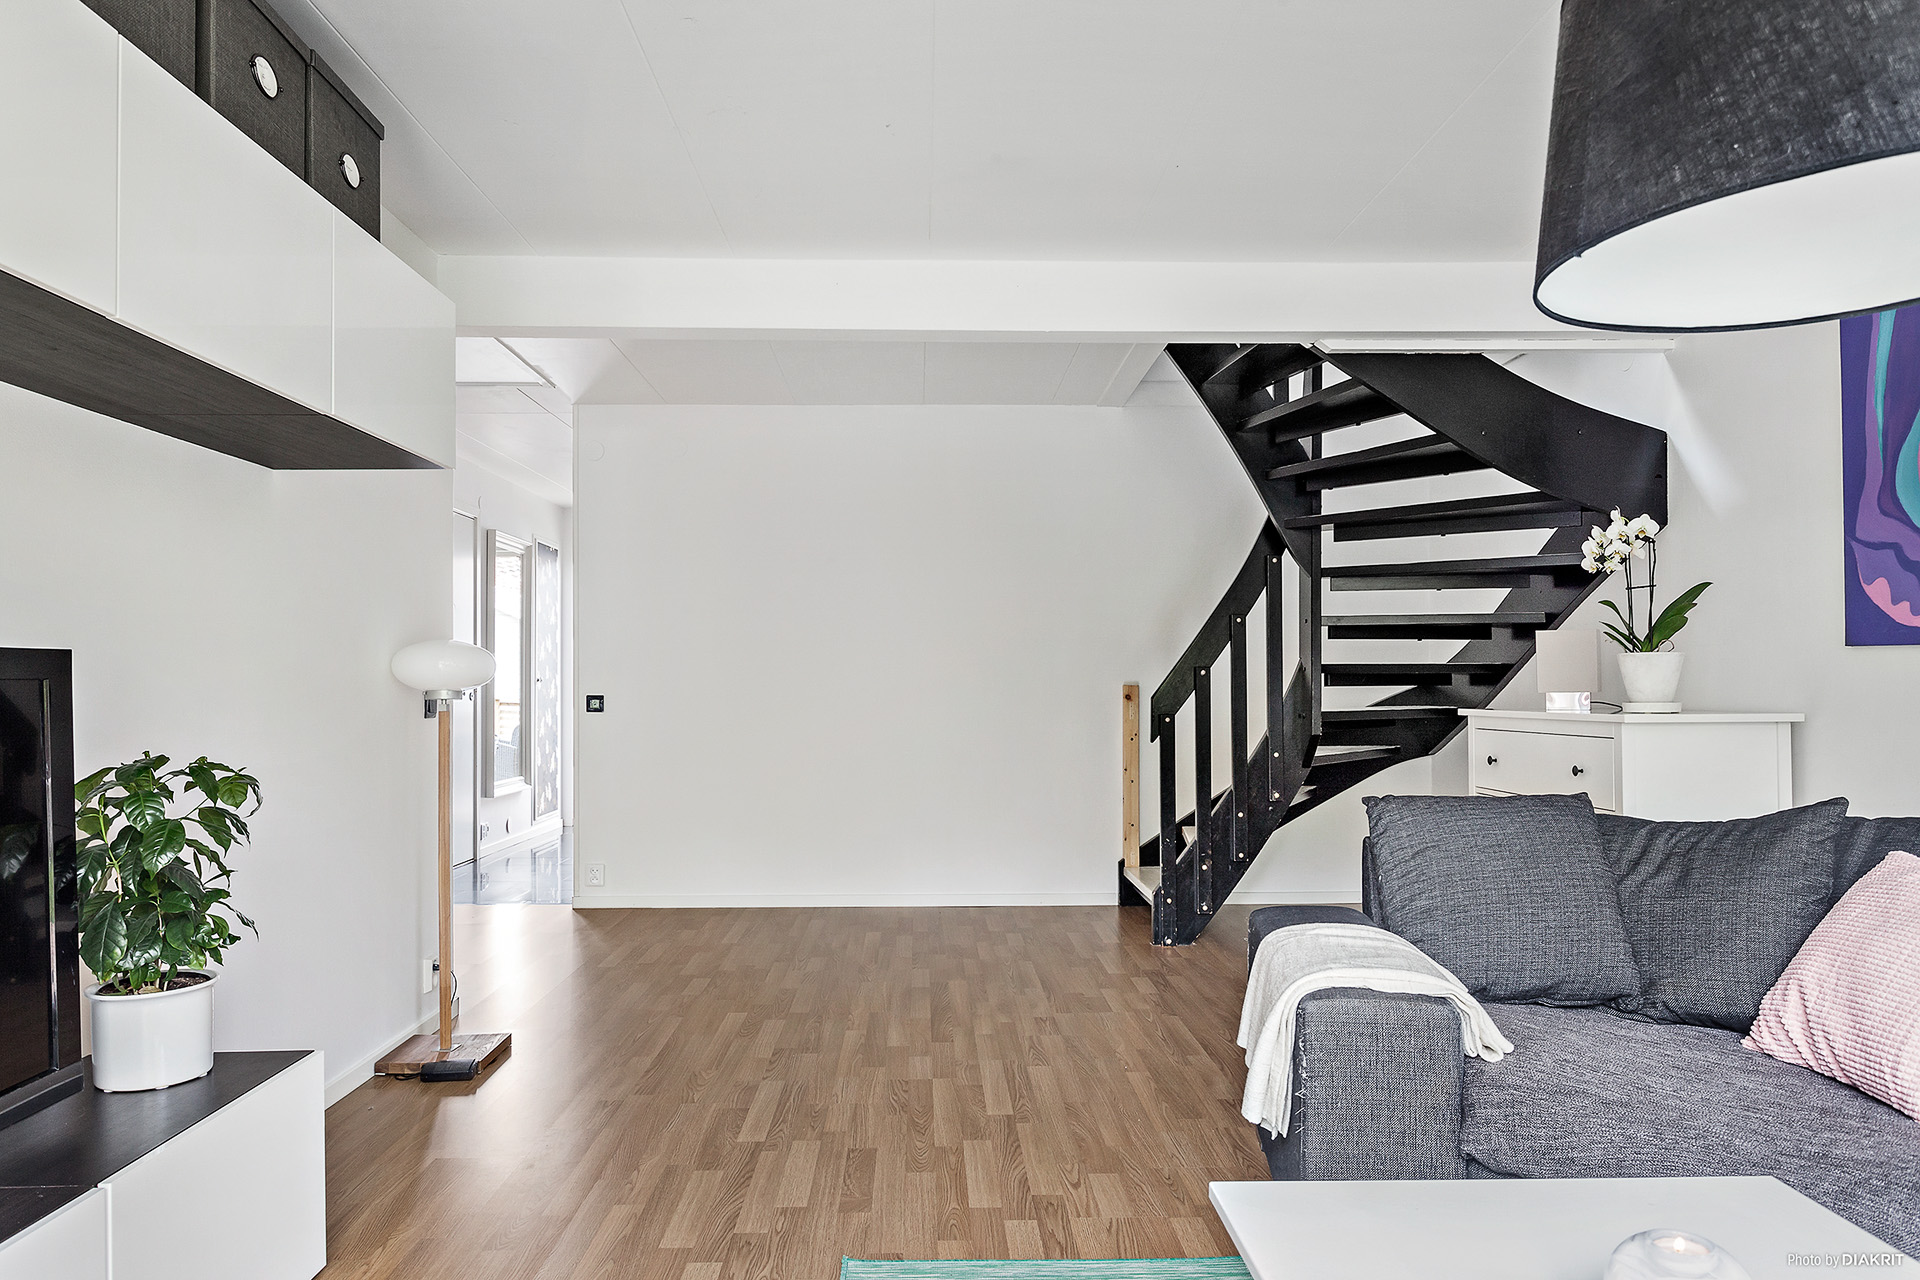 Vardagsrummet mot trappan till sovrummet på övre plan